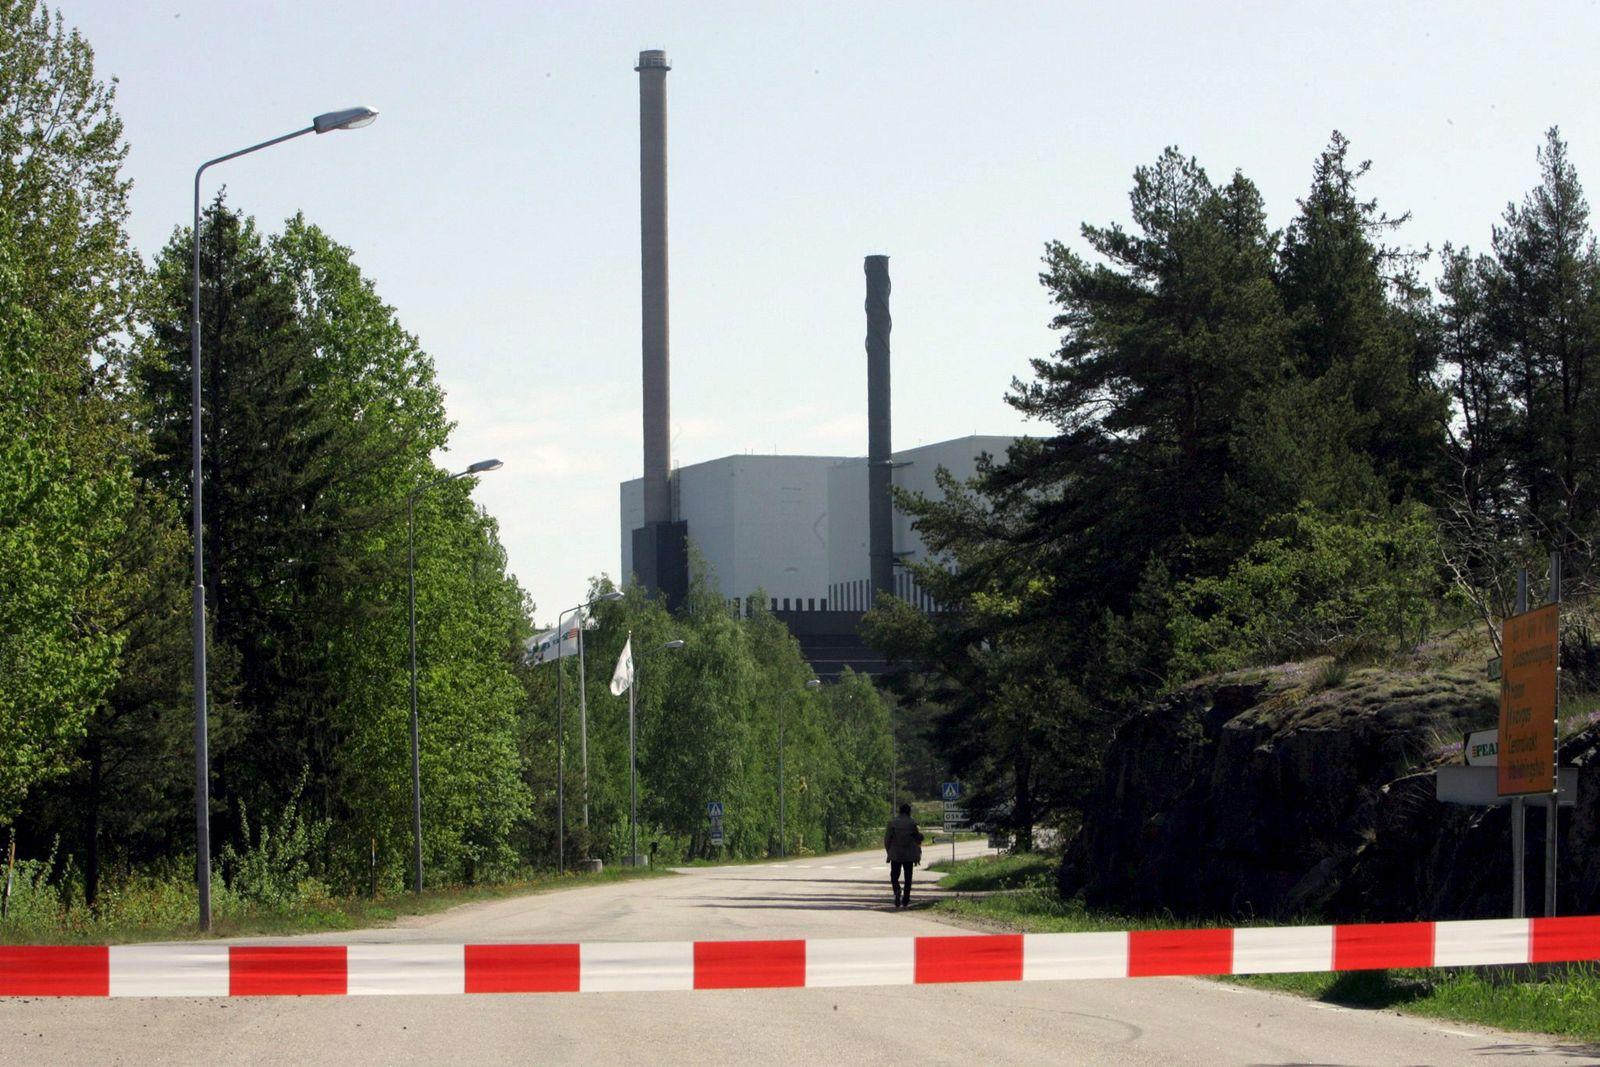 Schweden / Kernkraftwerk / Atomkraft / Energie / Strom / AKW / KKW